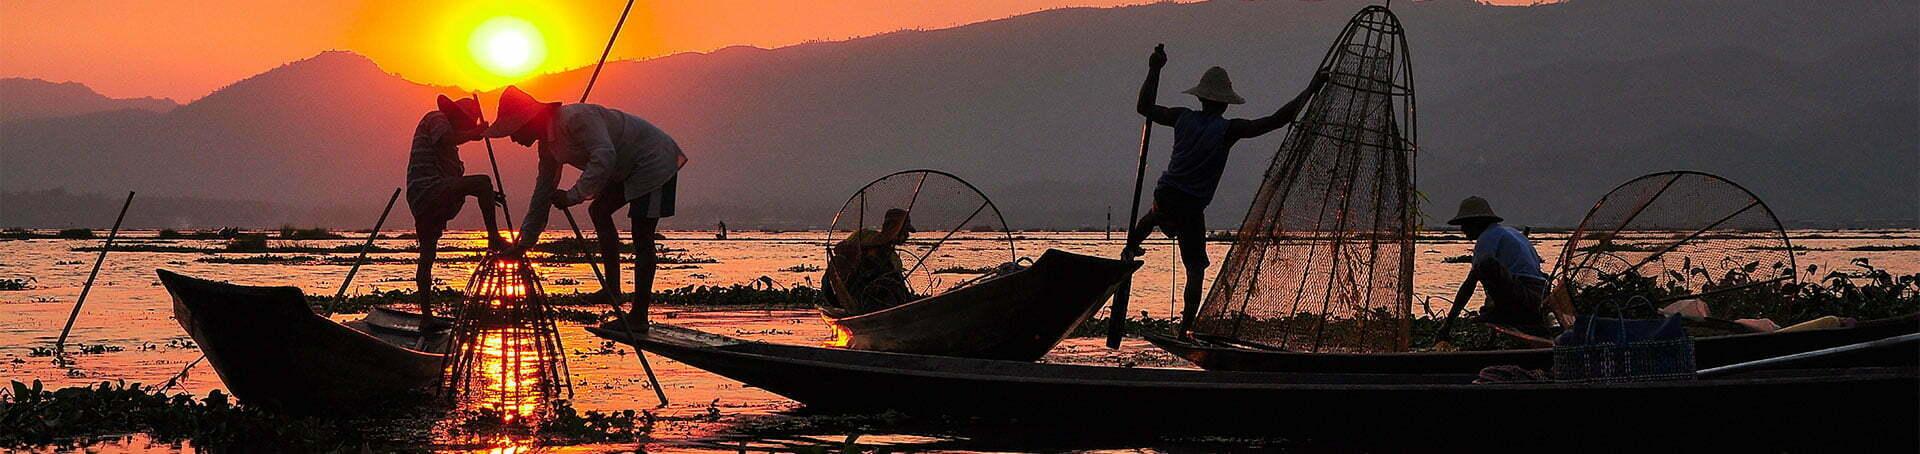 Lever de soleil sur des pêcheurs